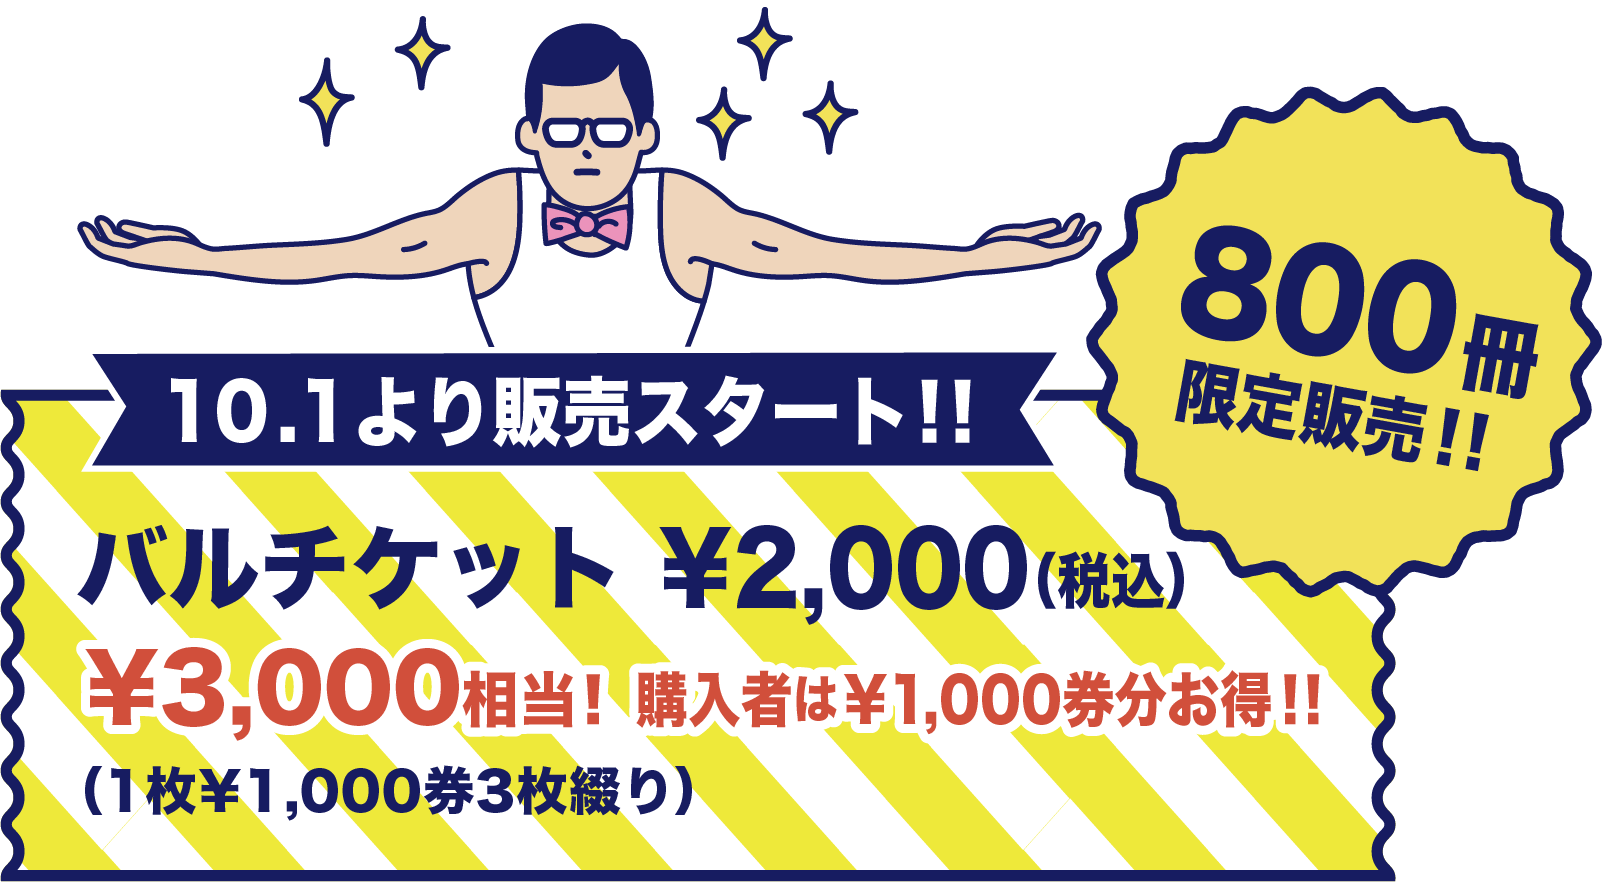 10.1より販売スタート!!バルチケット¥2,000(税込)¥3,000相当! 購入者は¥1,000券分お得!!(1枚¥1,000券3枚綴り)800冊限定販売!!